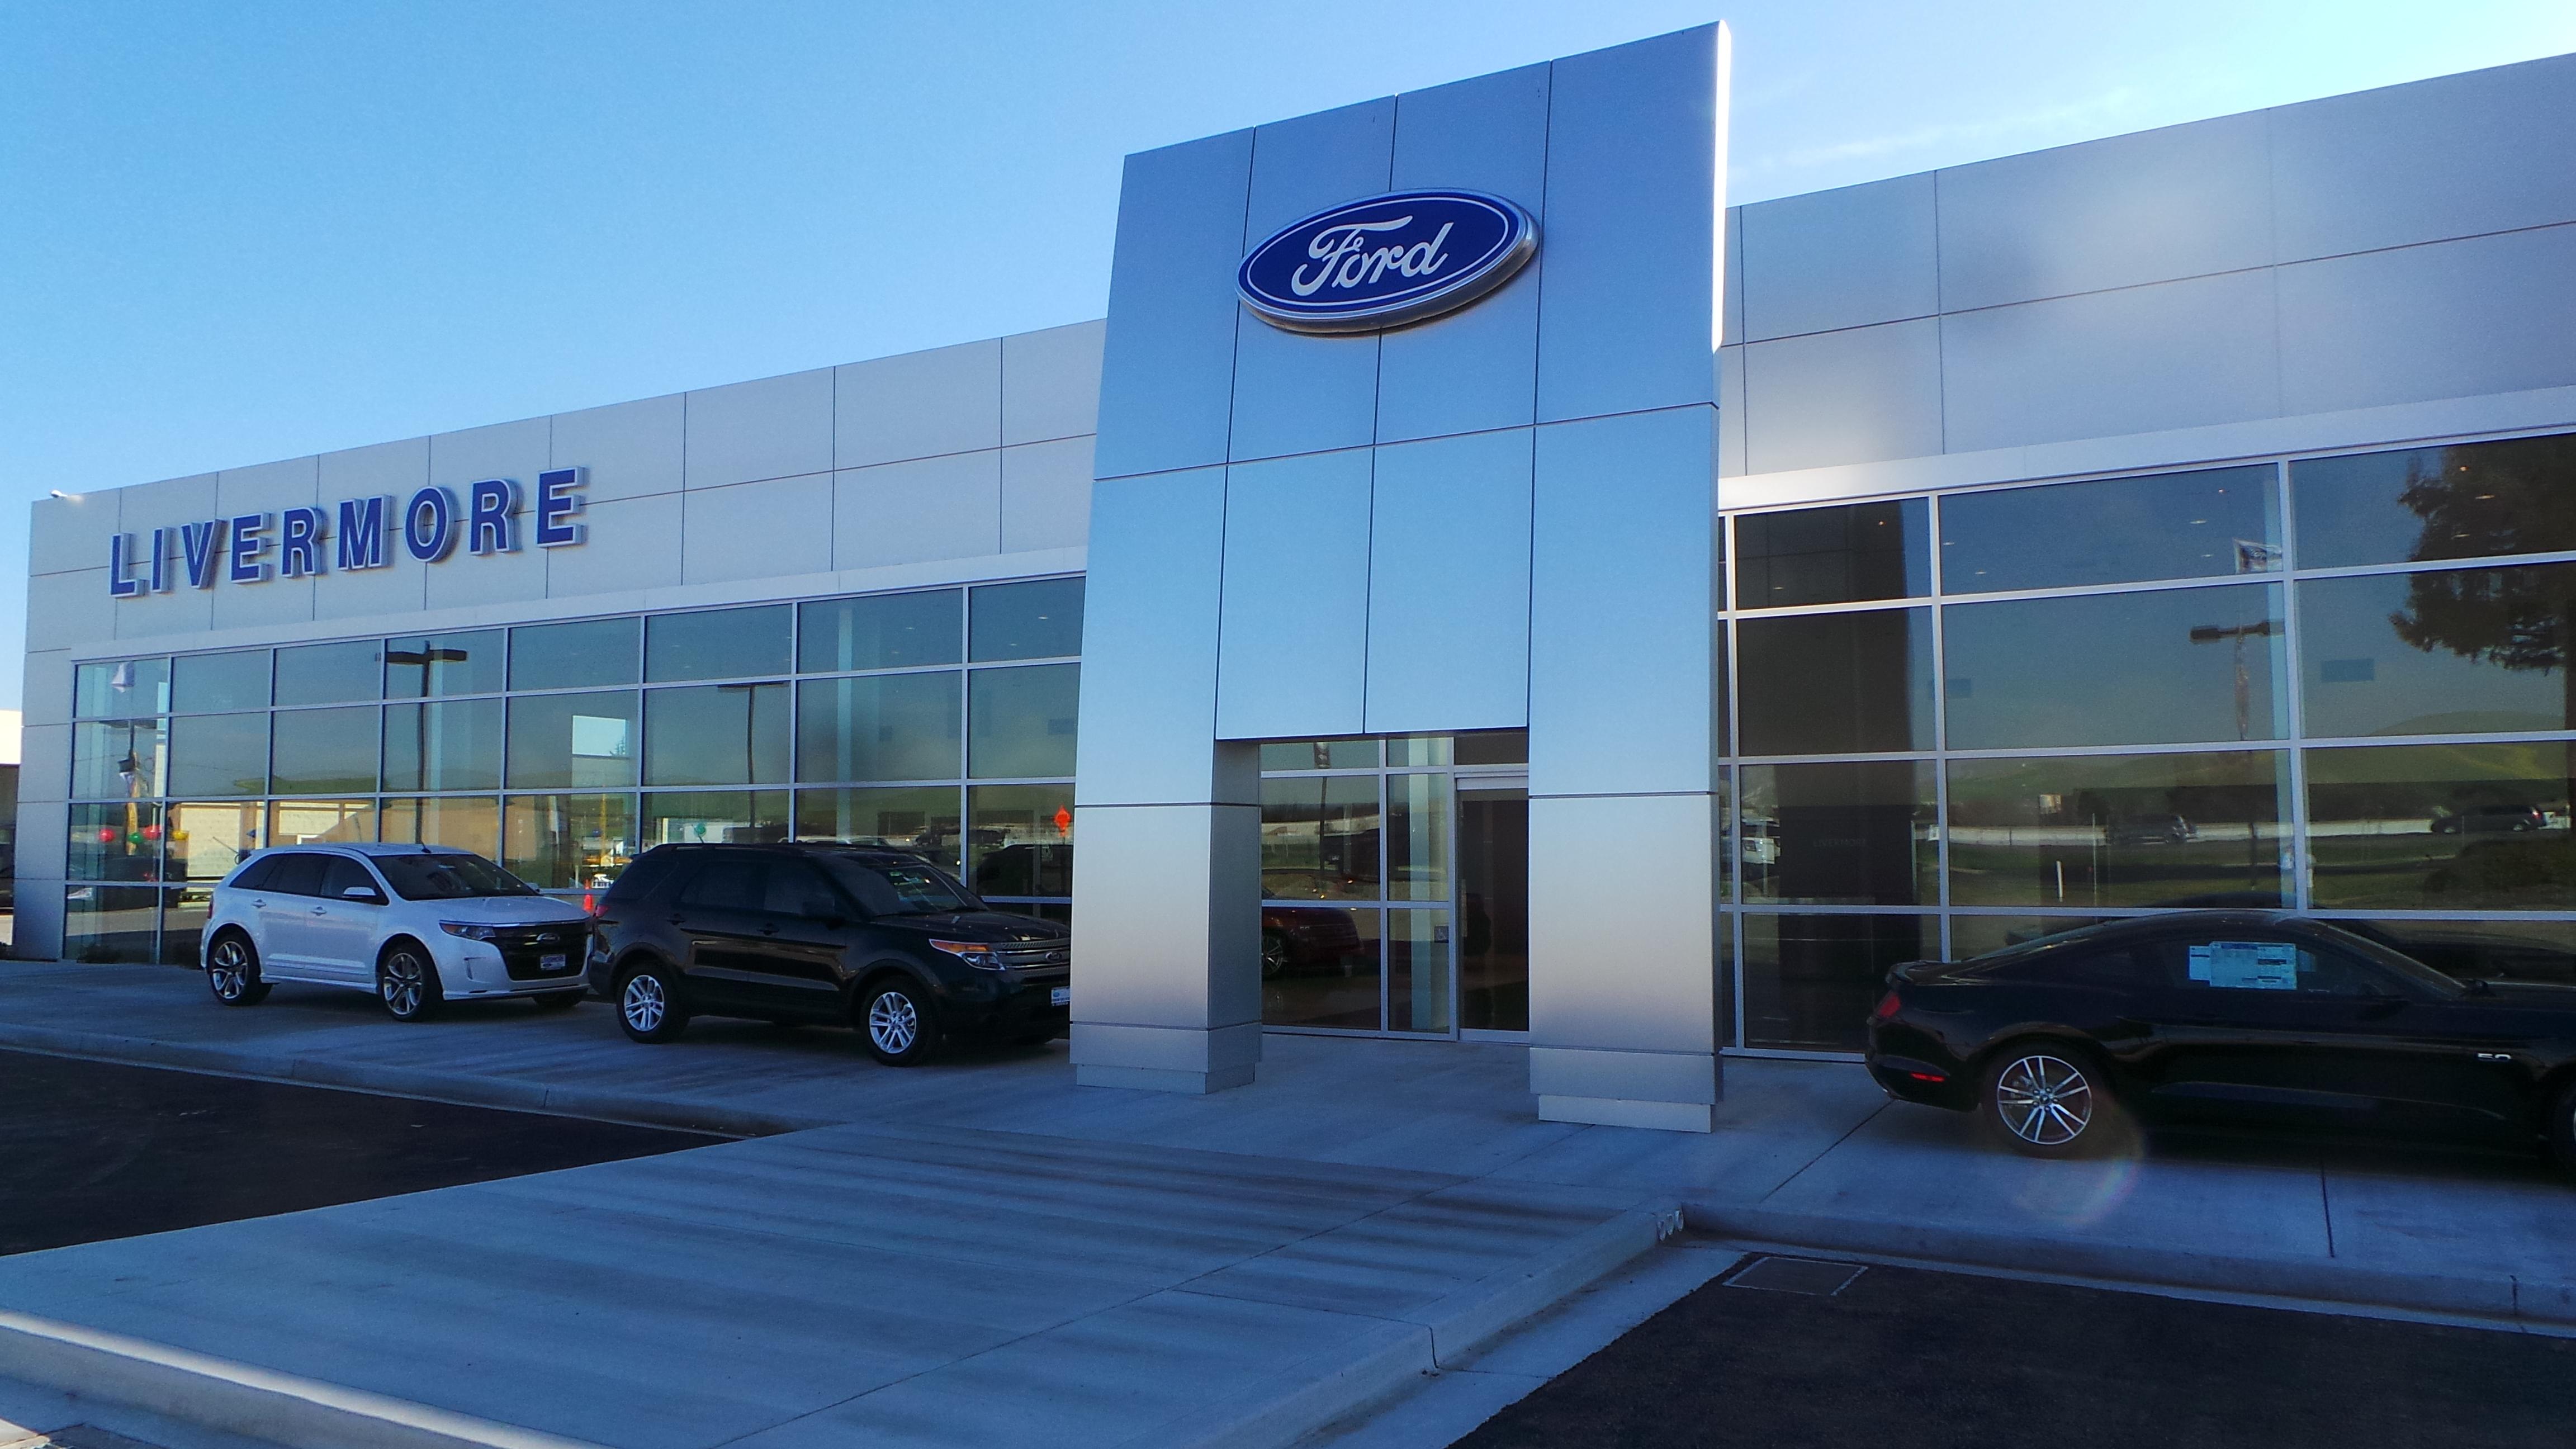 & Livermore Ford-Lincoln Livermore CA 94551 - YP.com markmcfarlin.com